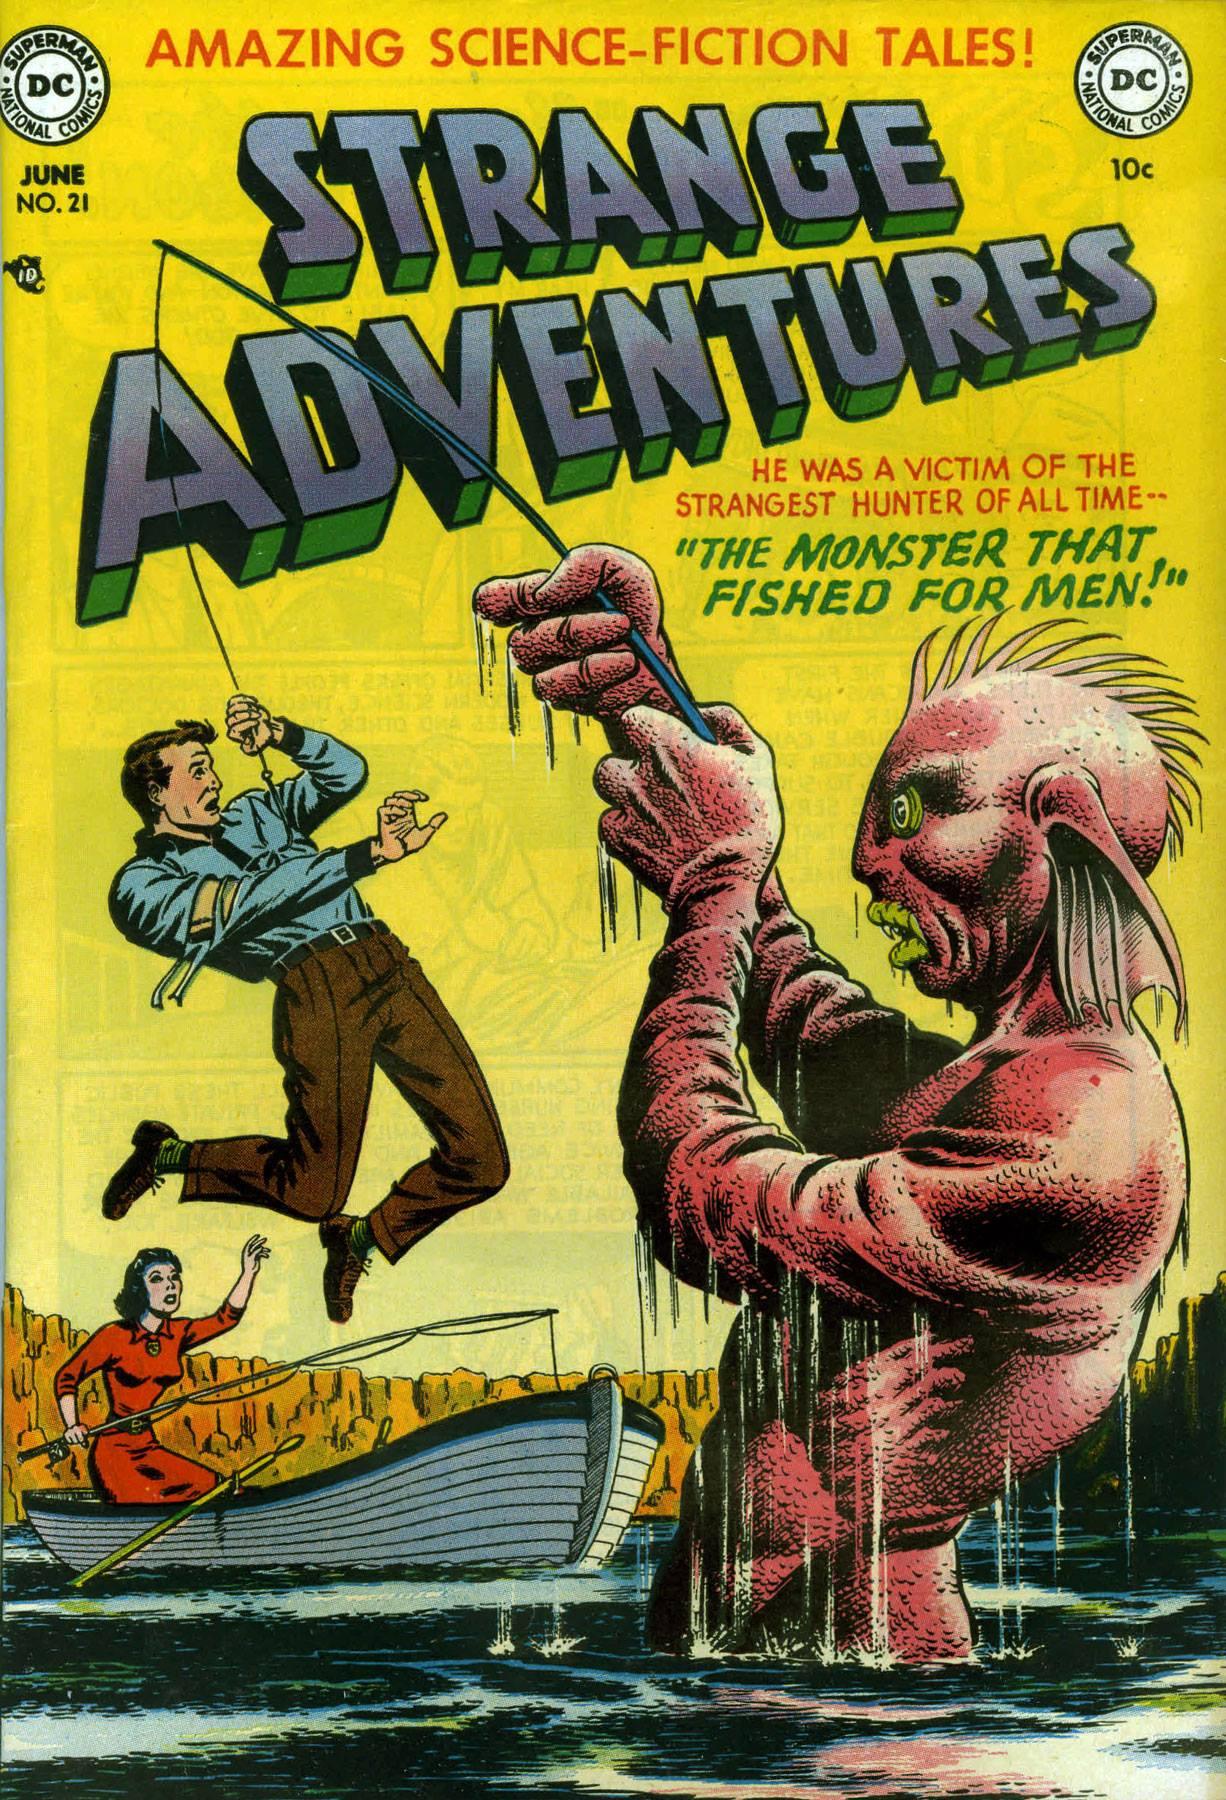 StrangeAdventures21-MurphyAnderson